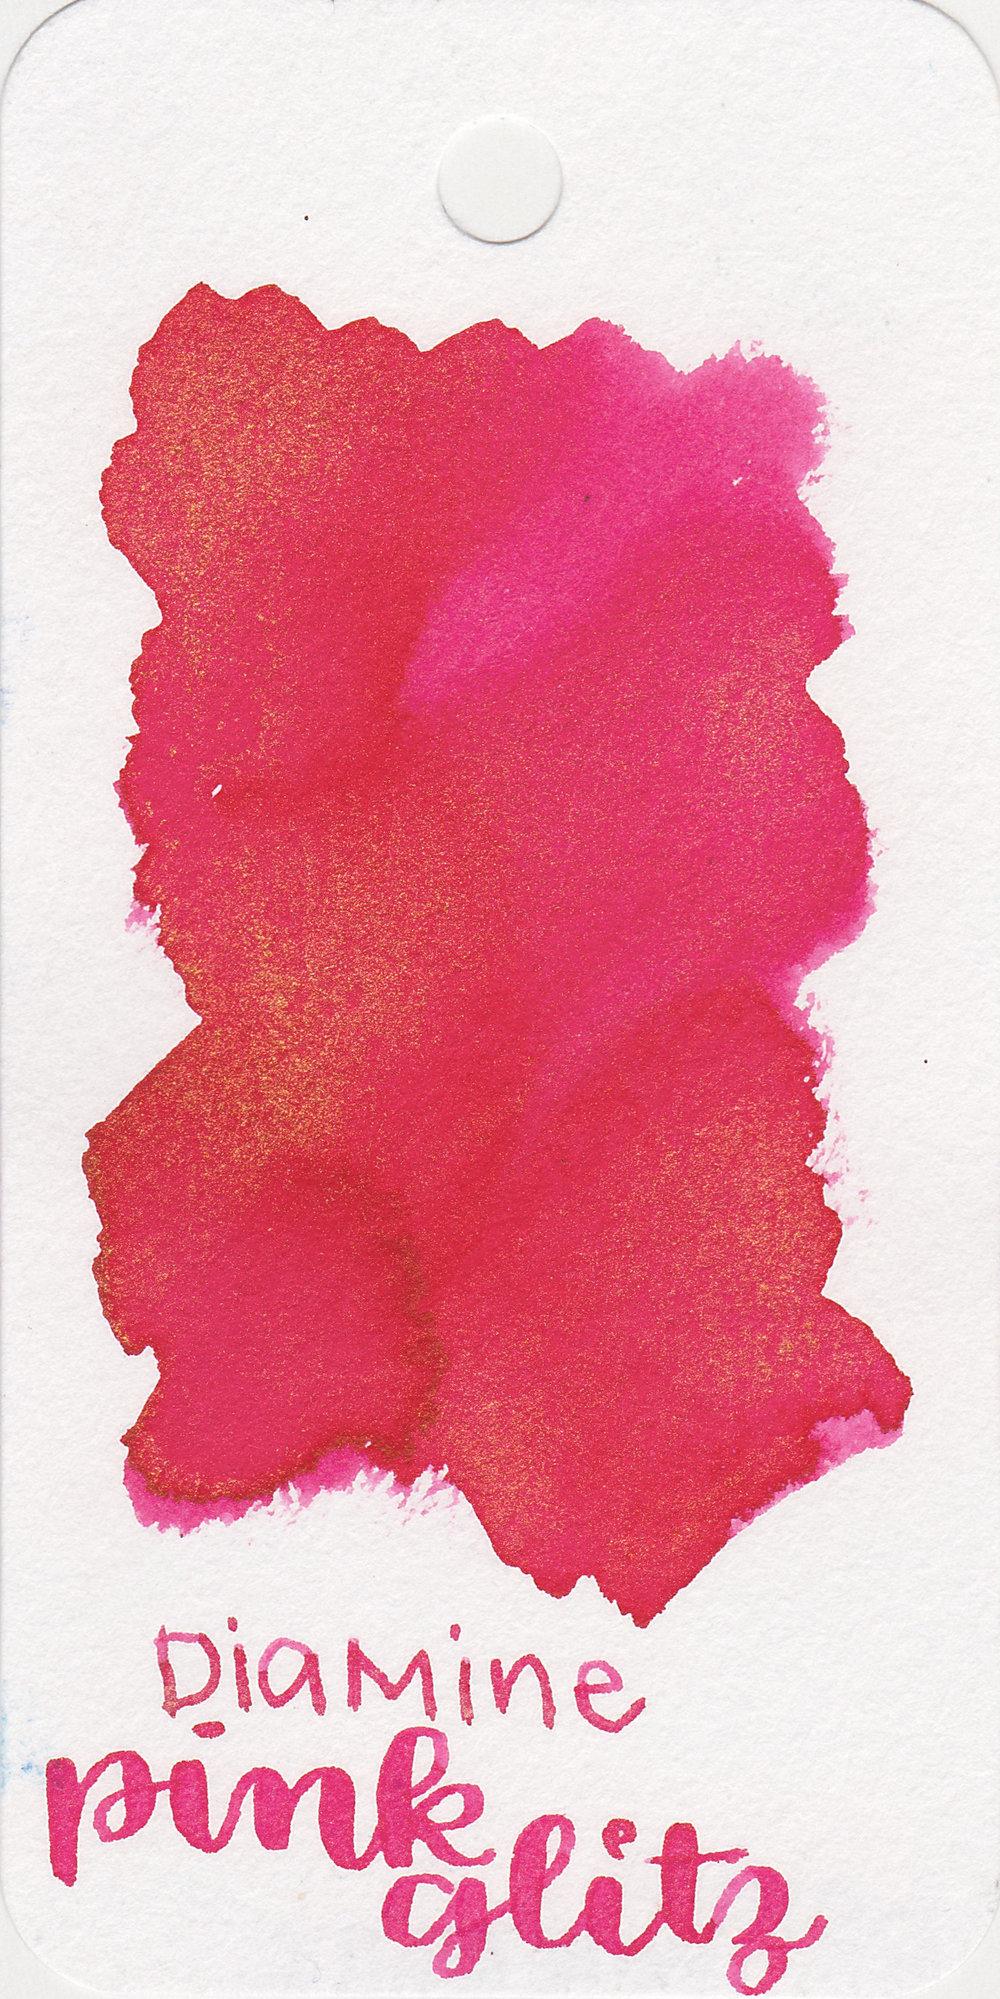 d-pink-glitz-1.jpg